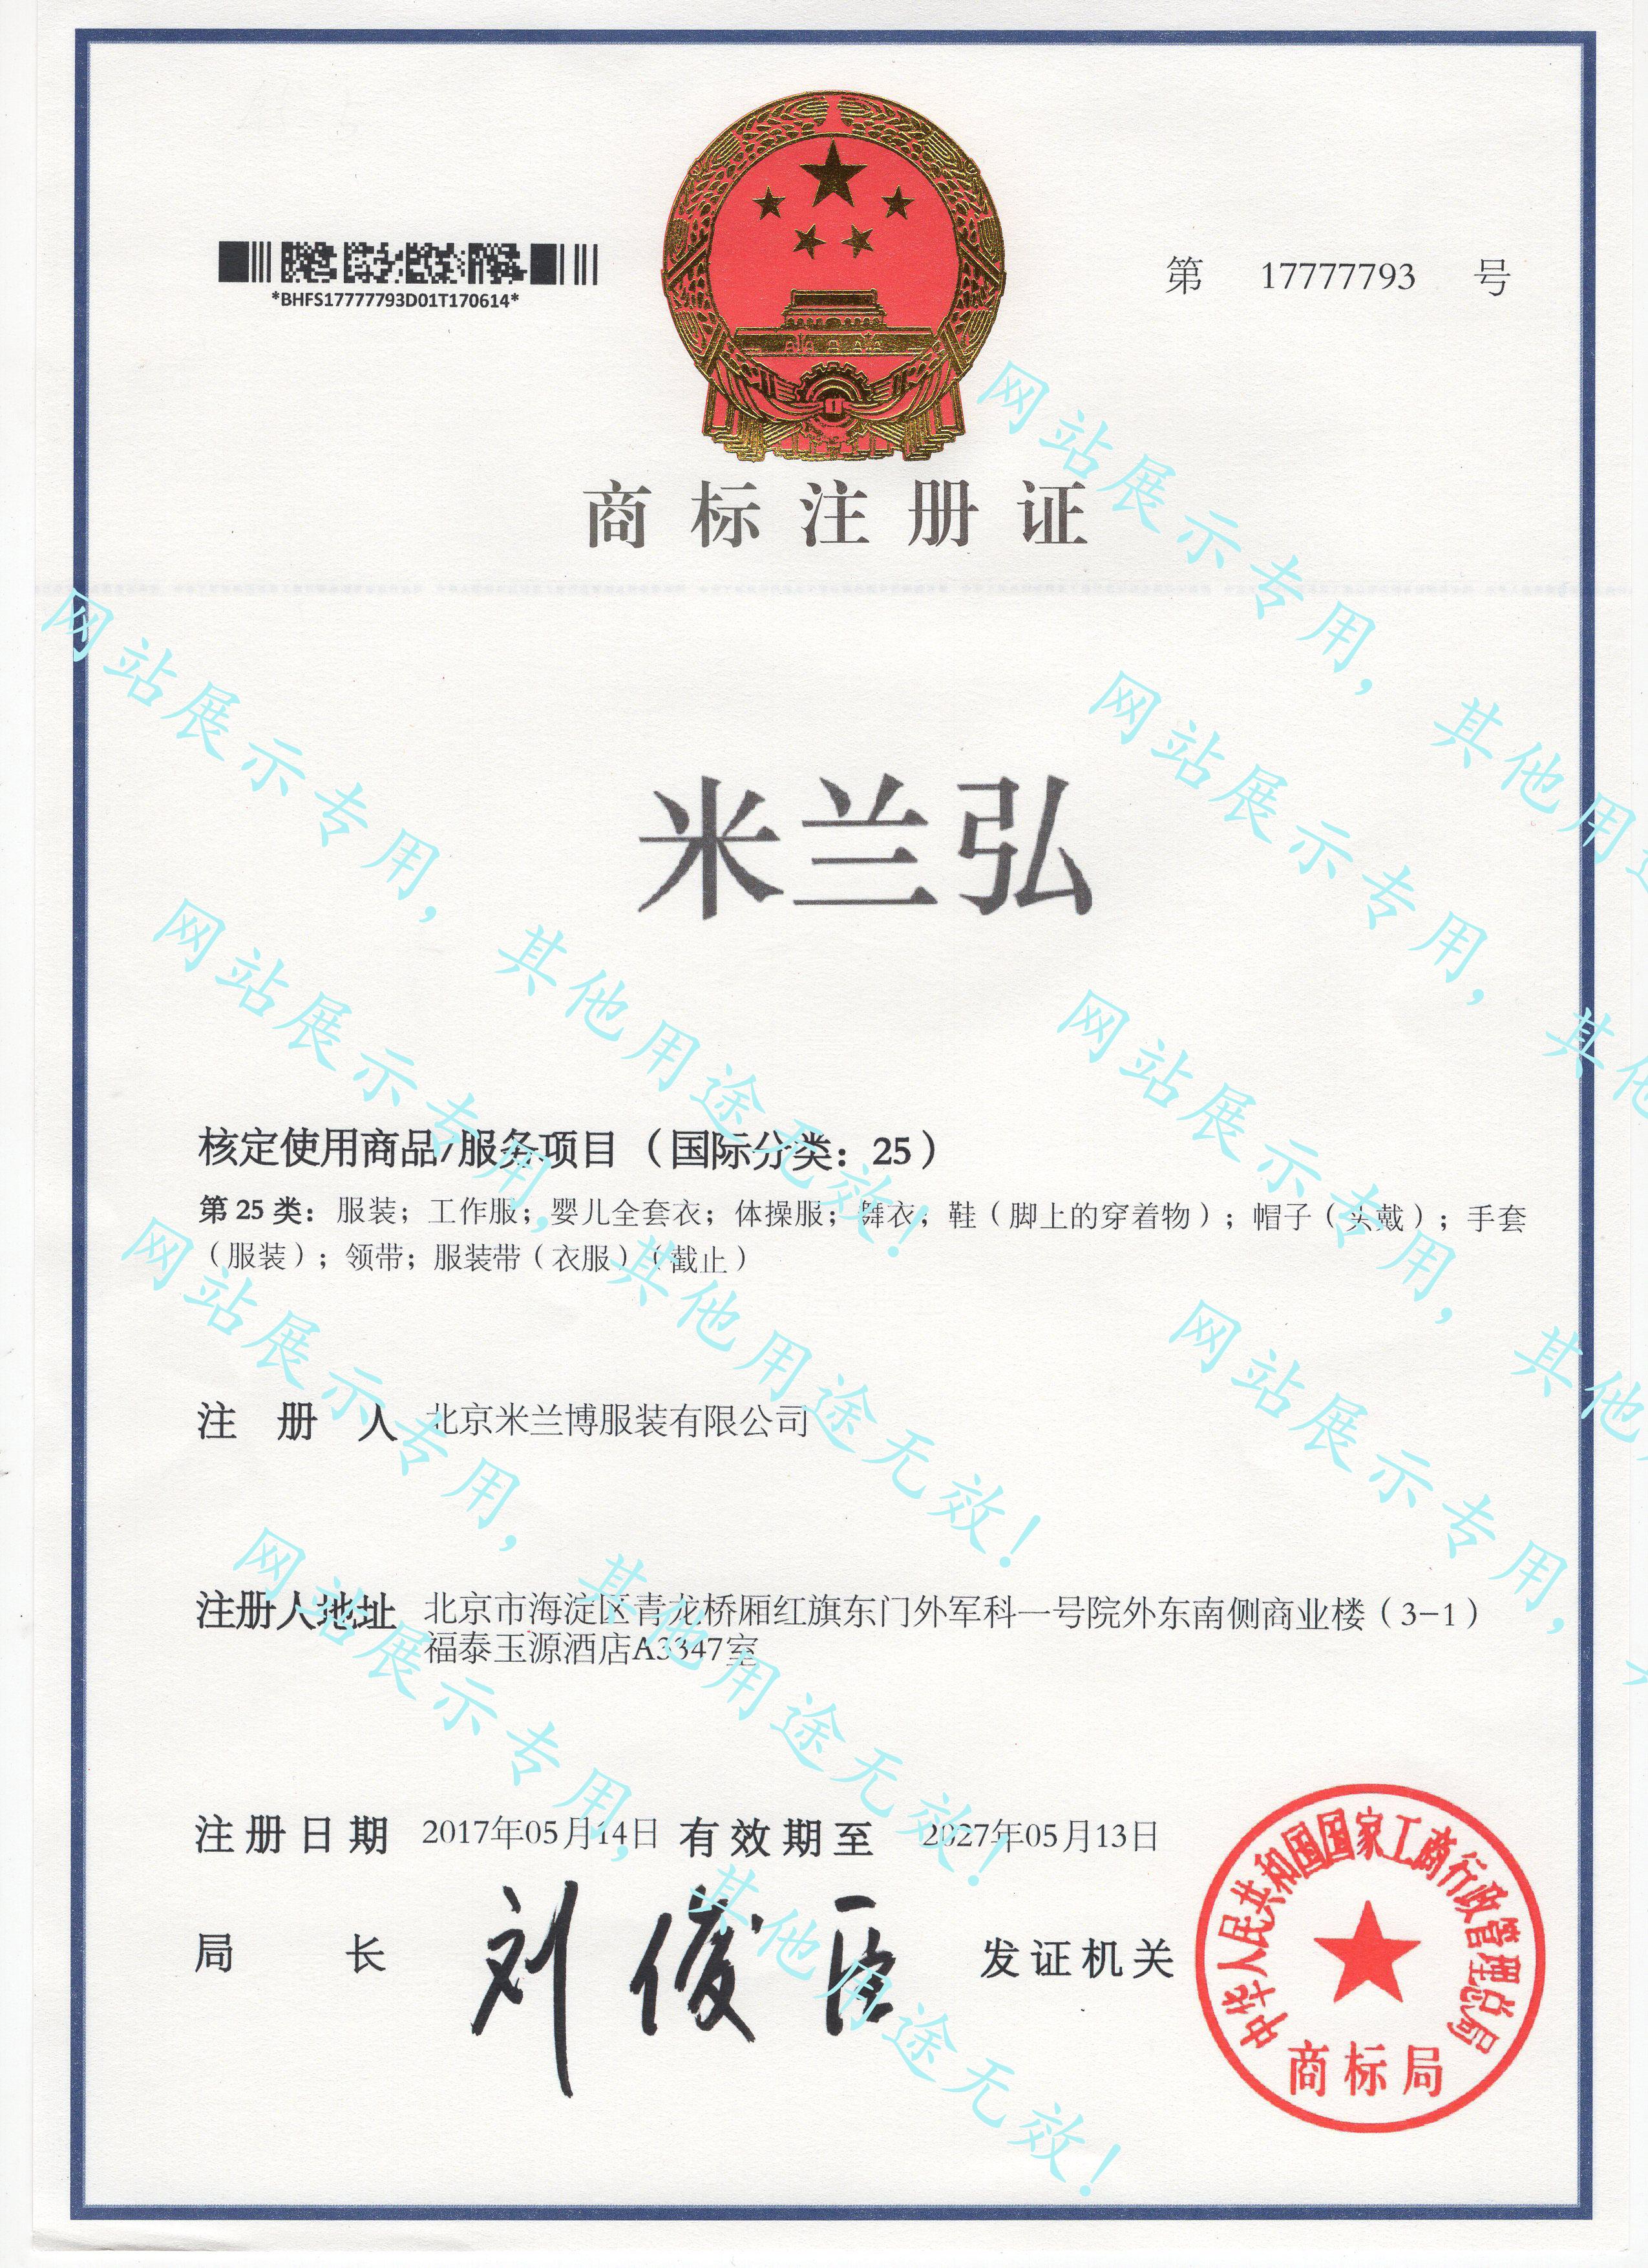 米蘭弘商標注冊證